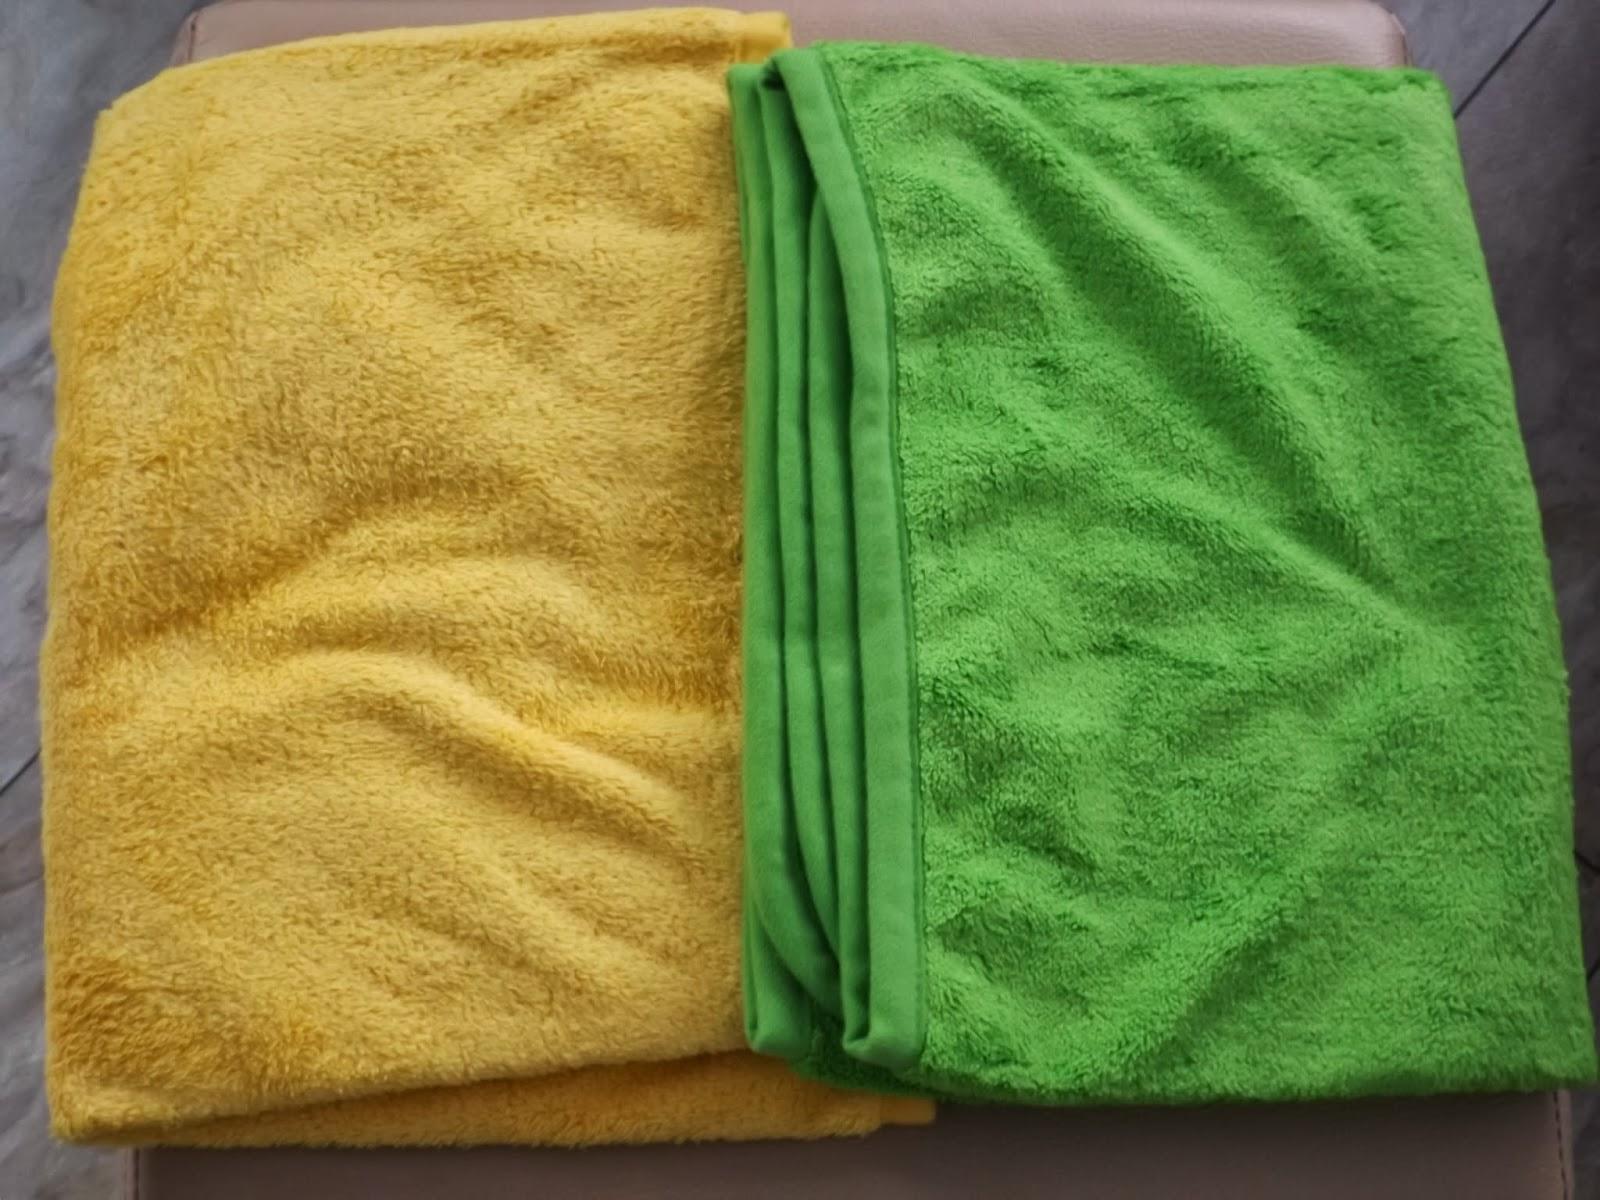 badizio handtücher von qvc deutschland testbericht - testgitte70, Badezimmer ideen